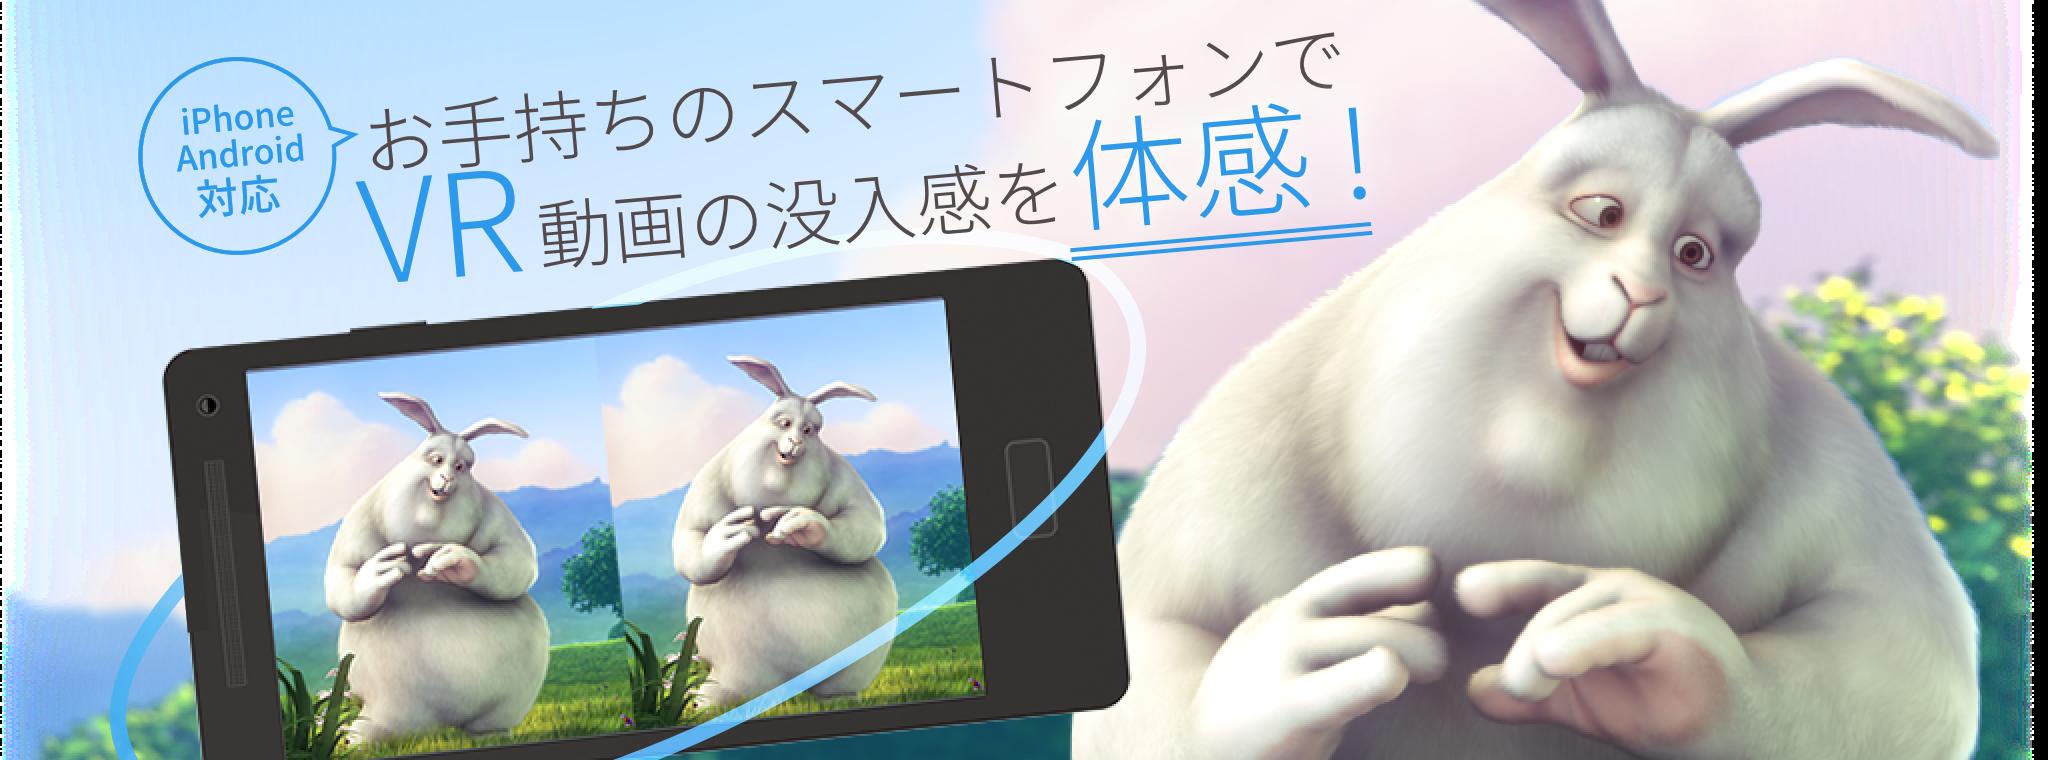 お手持ちのスマートフォンでVR動画の没入感を体感!iPhone Android対応